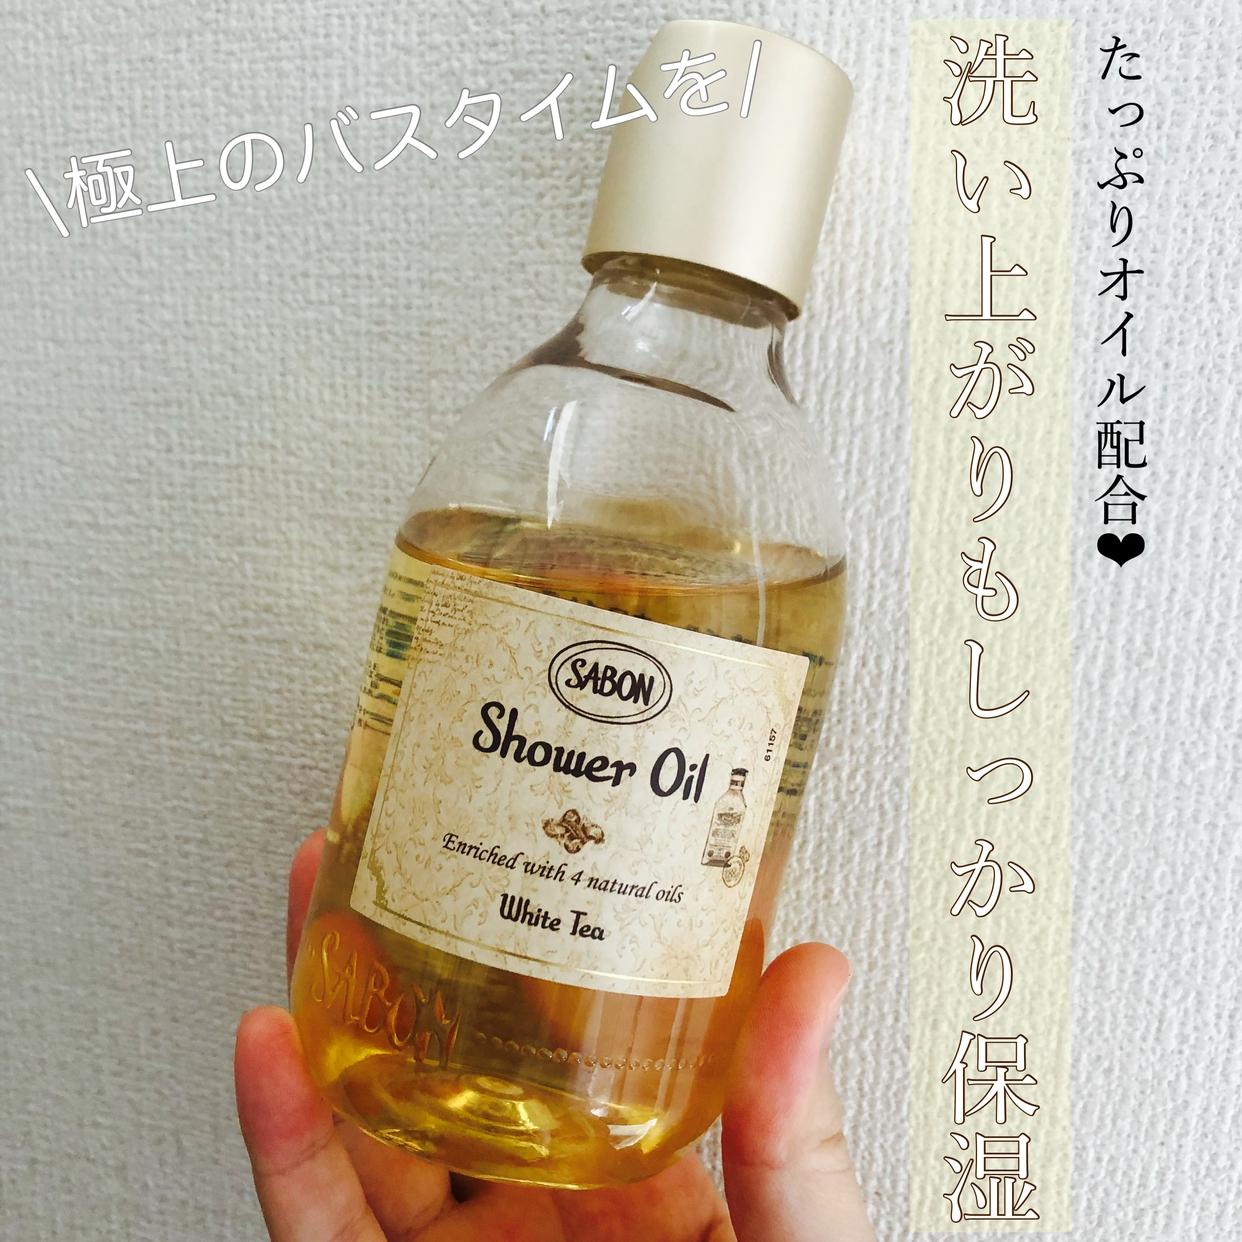 SABON(サボン) シャワーオイルを使ったabeさんのクチコミ画像